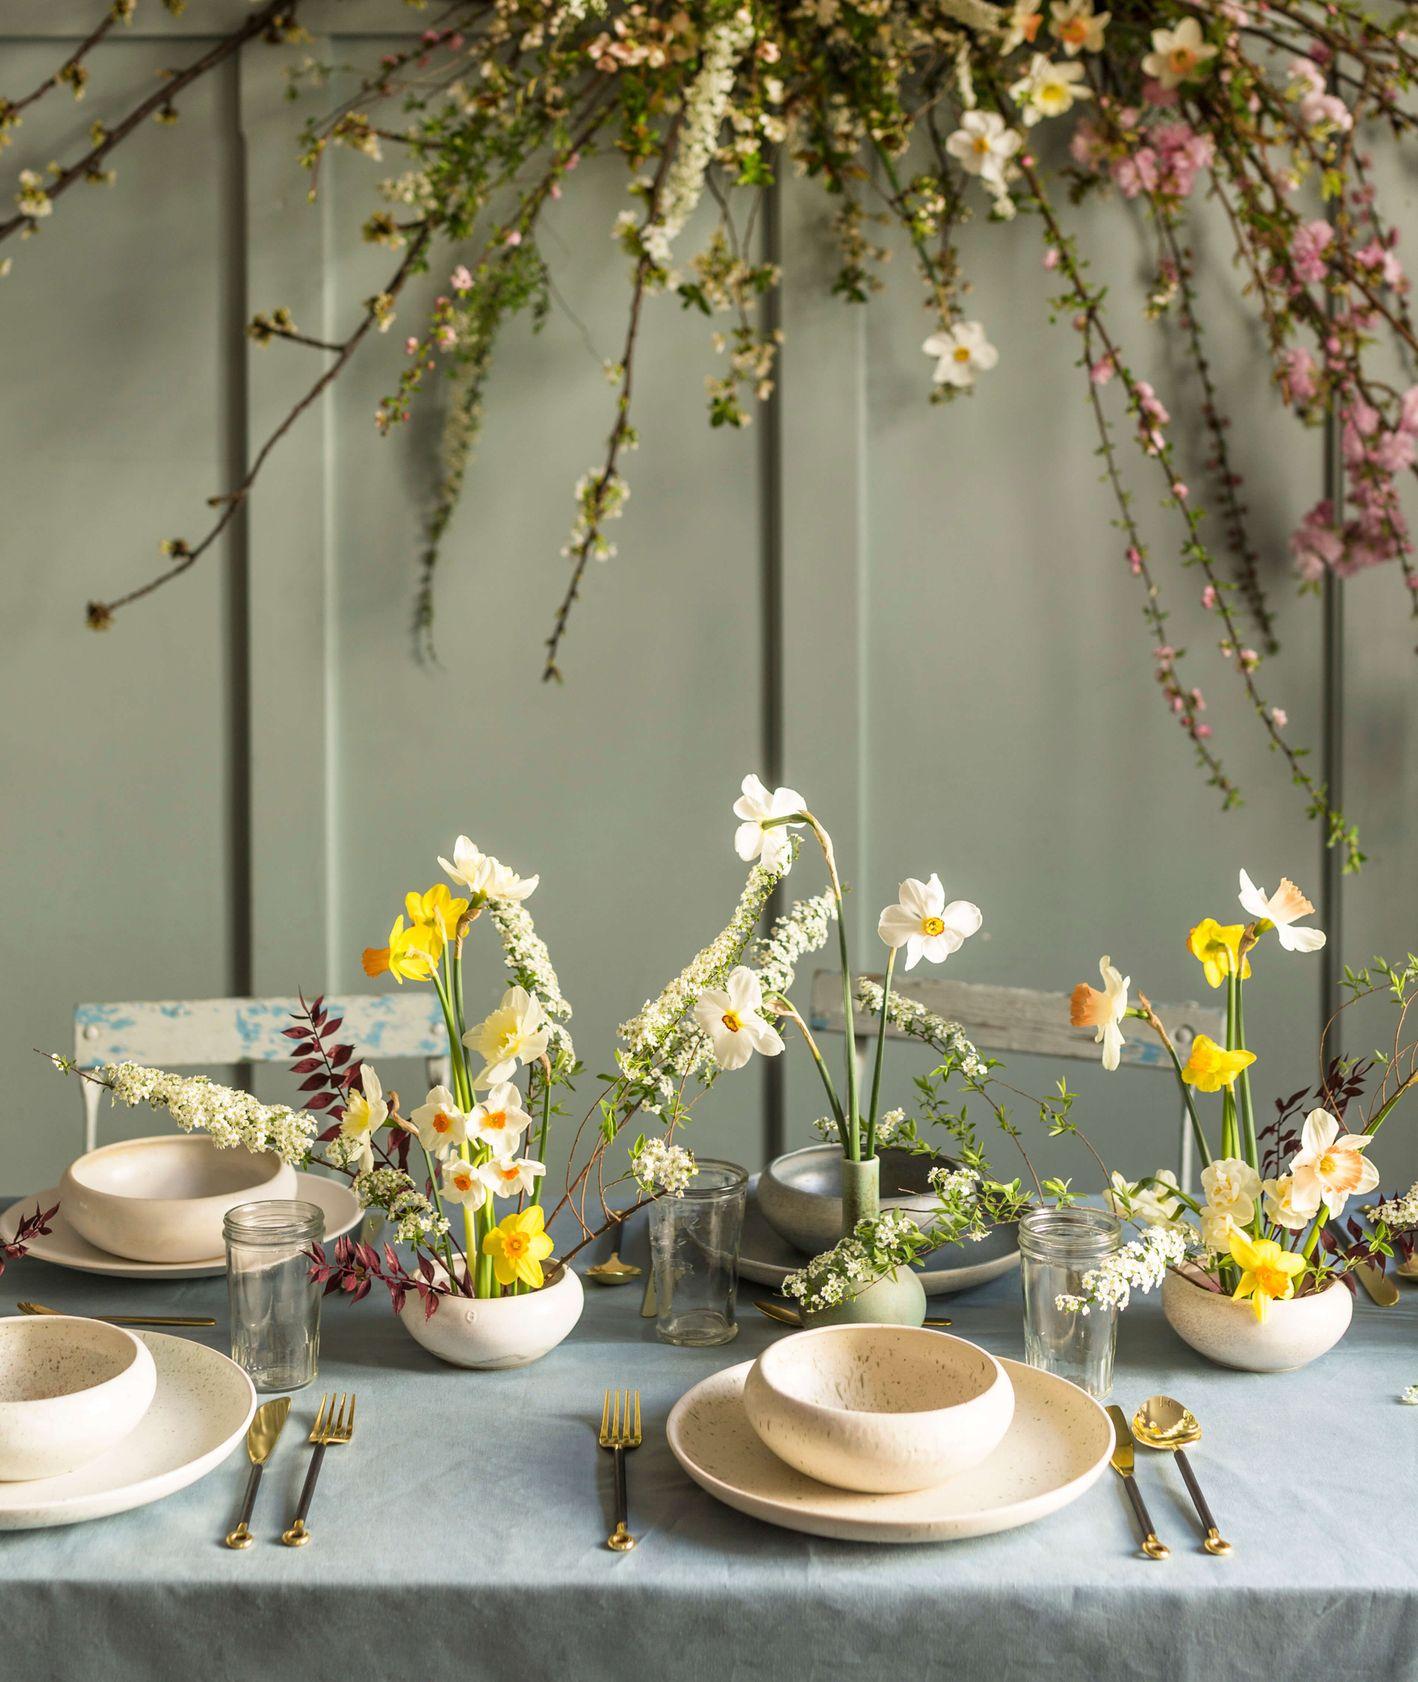 dekoracja stołu, wiosenne inspiracje, kwiaty i miut